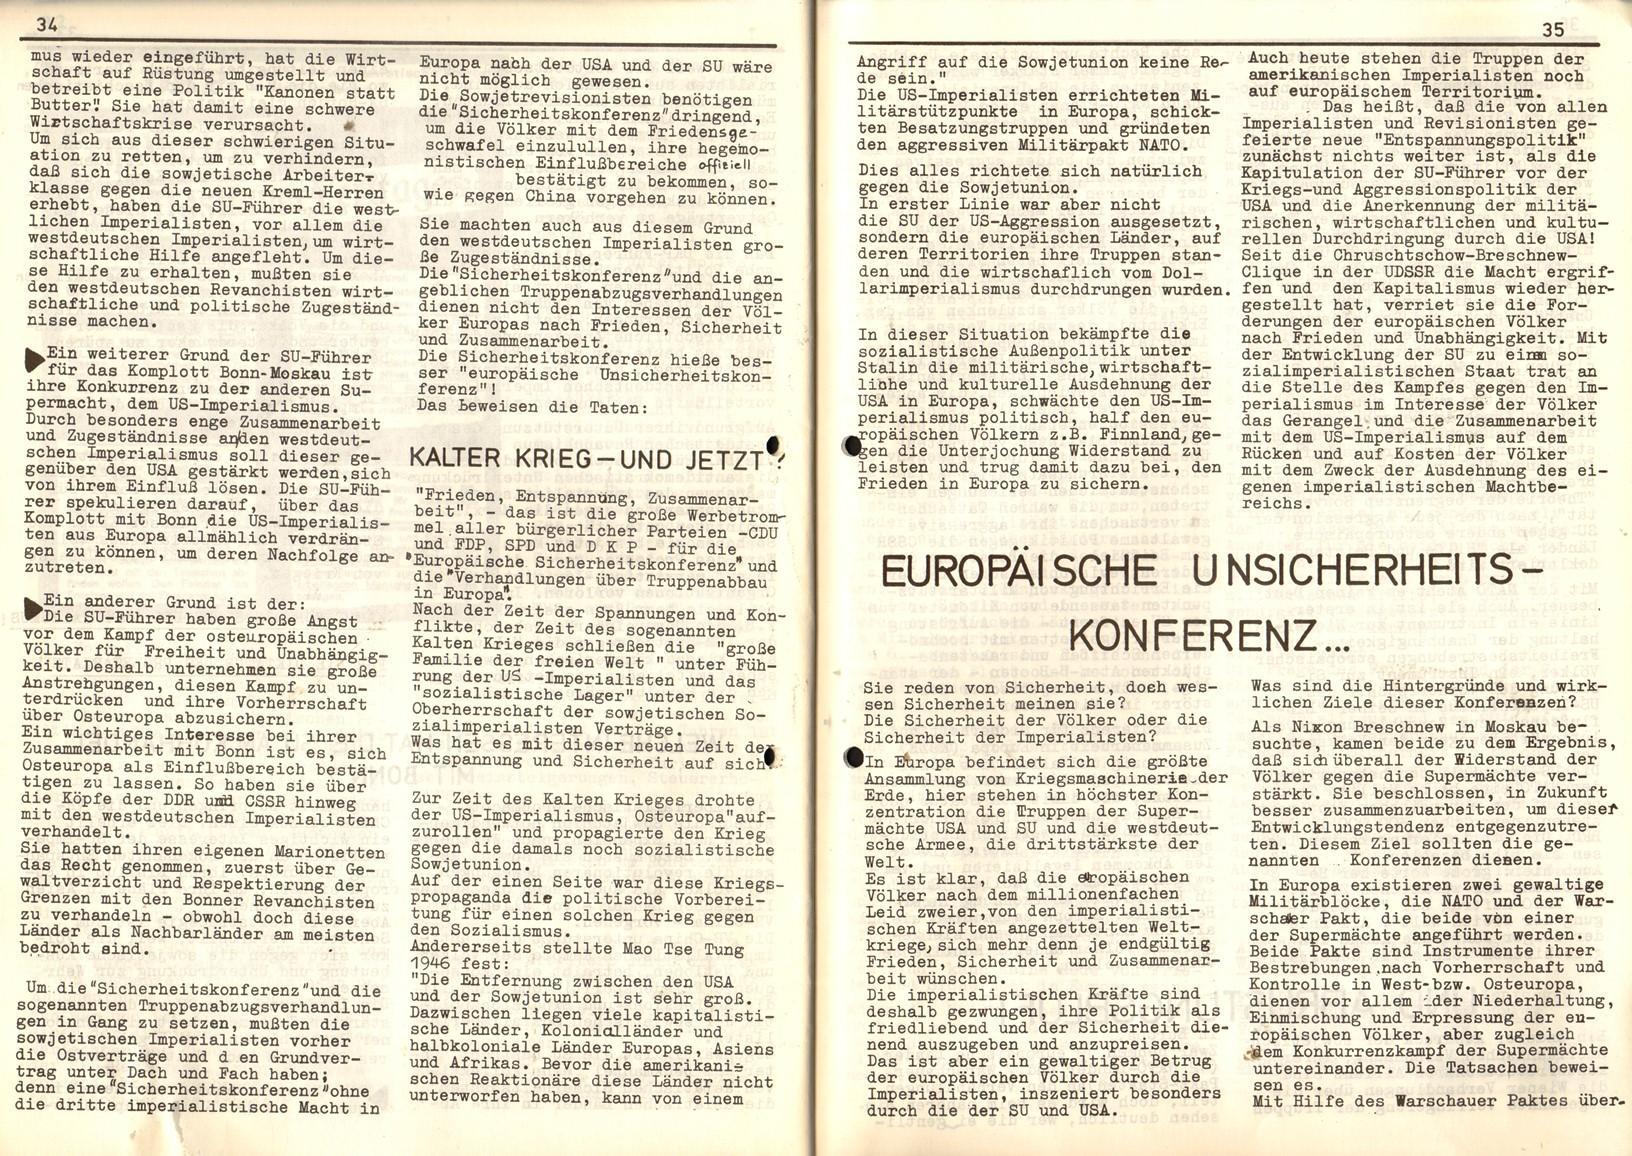 ML_Aachen_Bochum_Duisburg_1973_Breschnew_in_Bonn_18